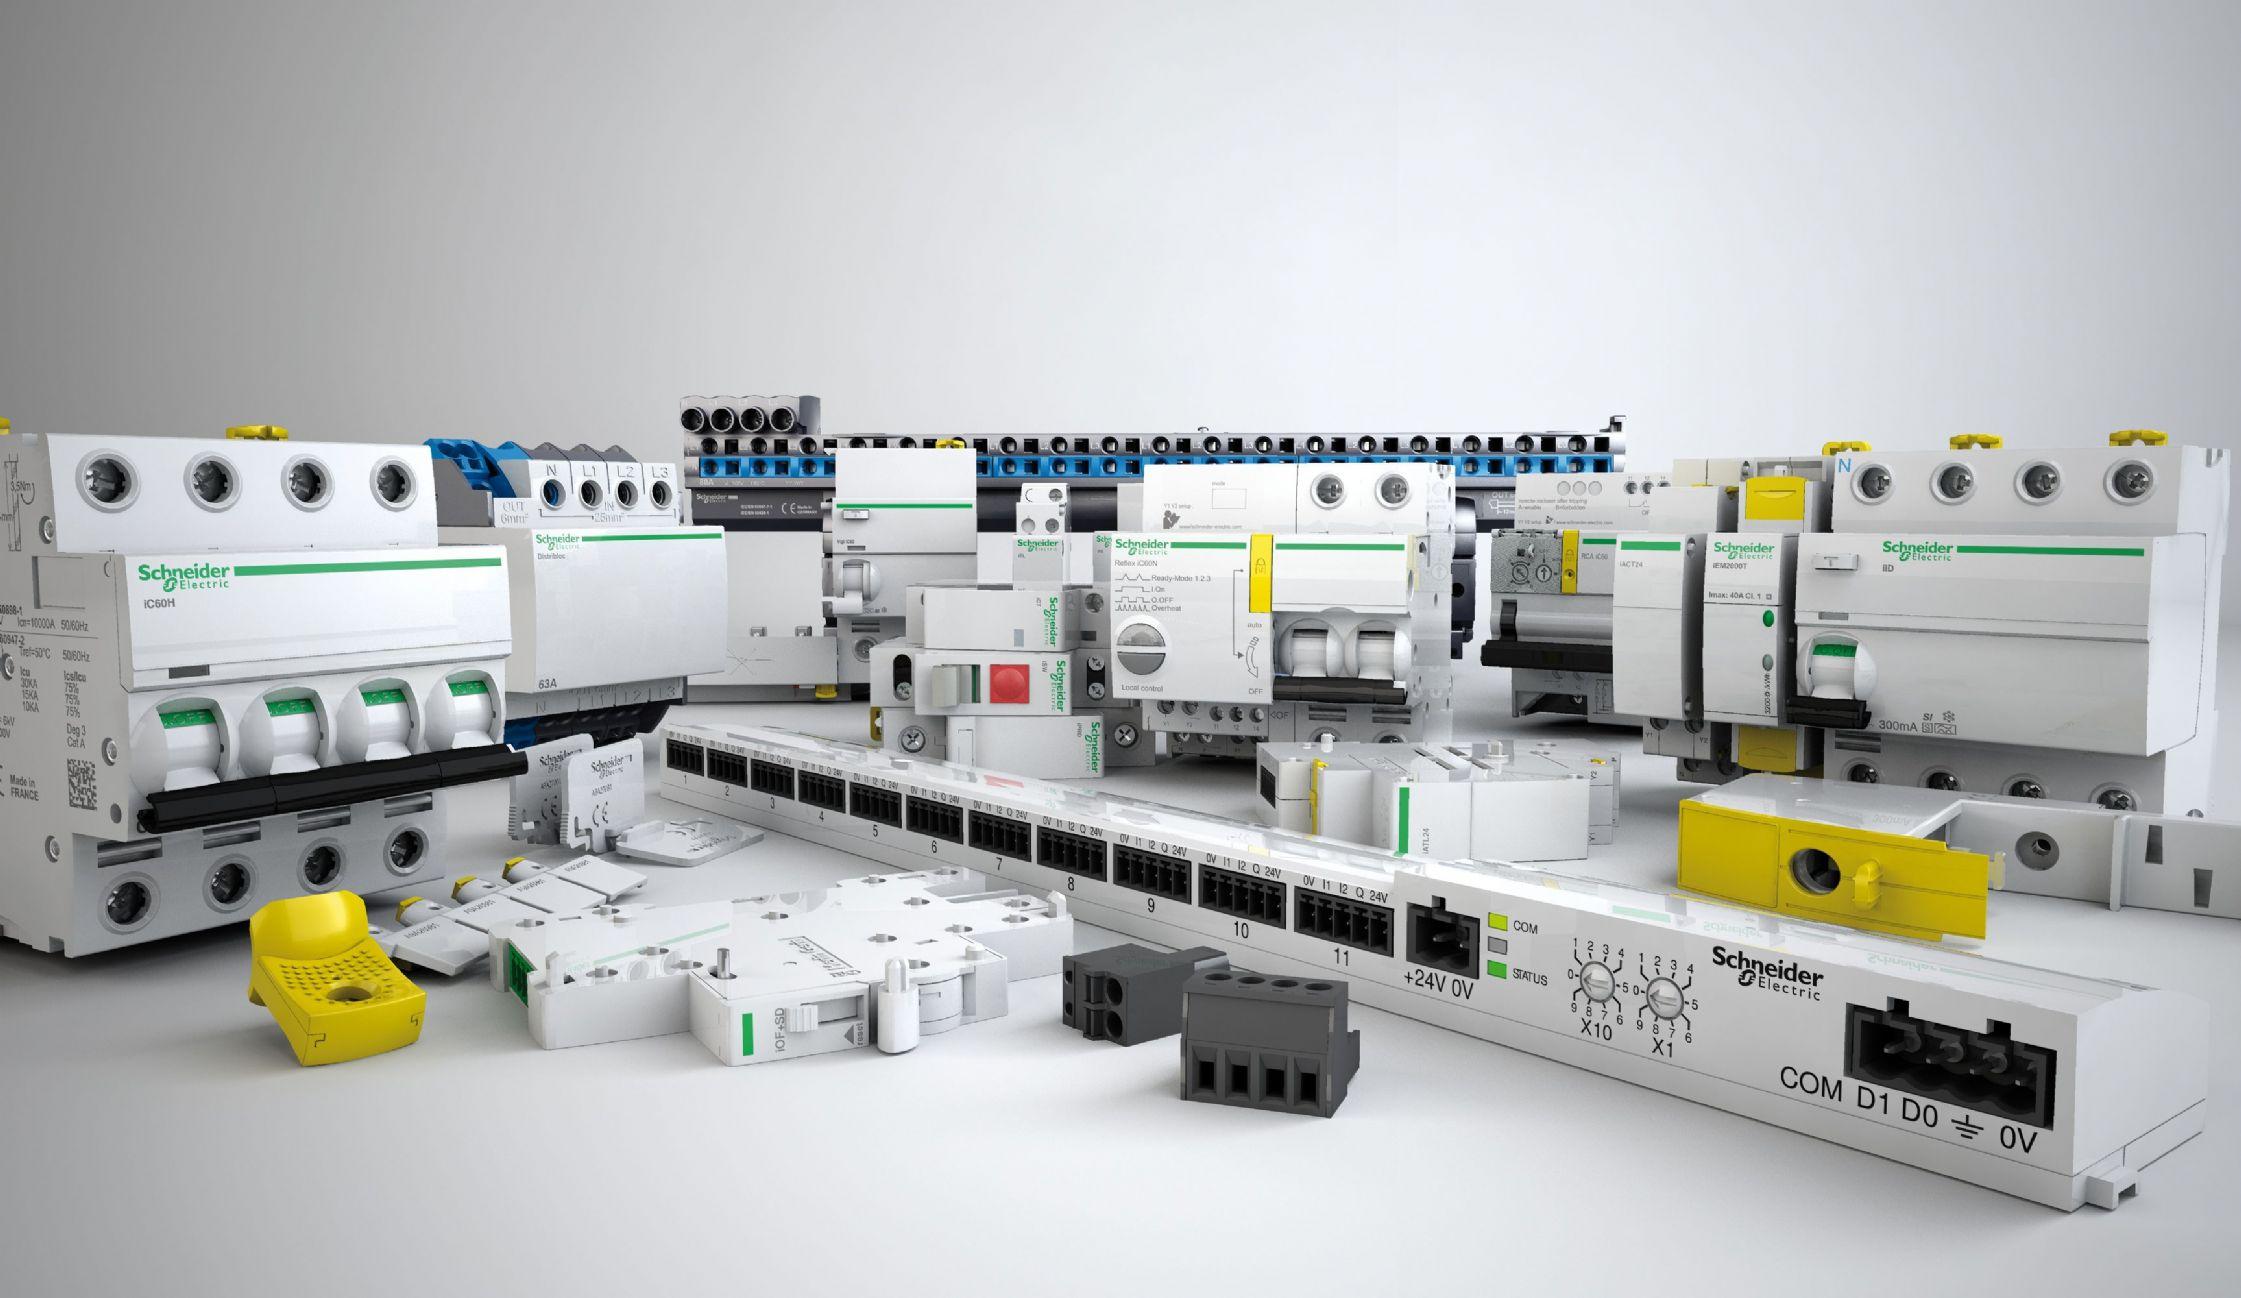 Schneider Power Board product